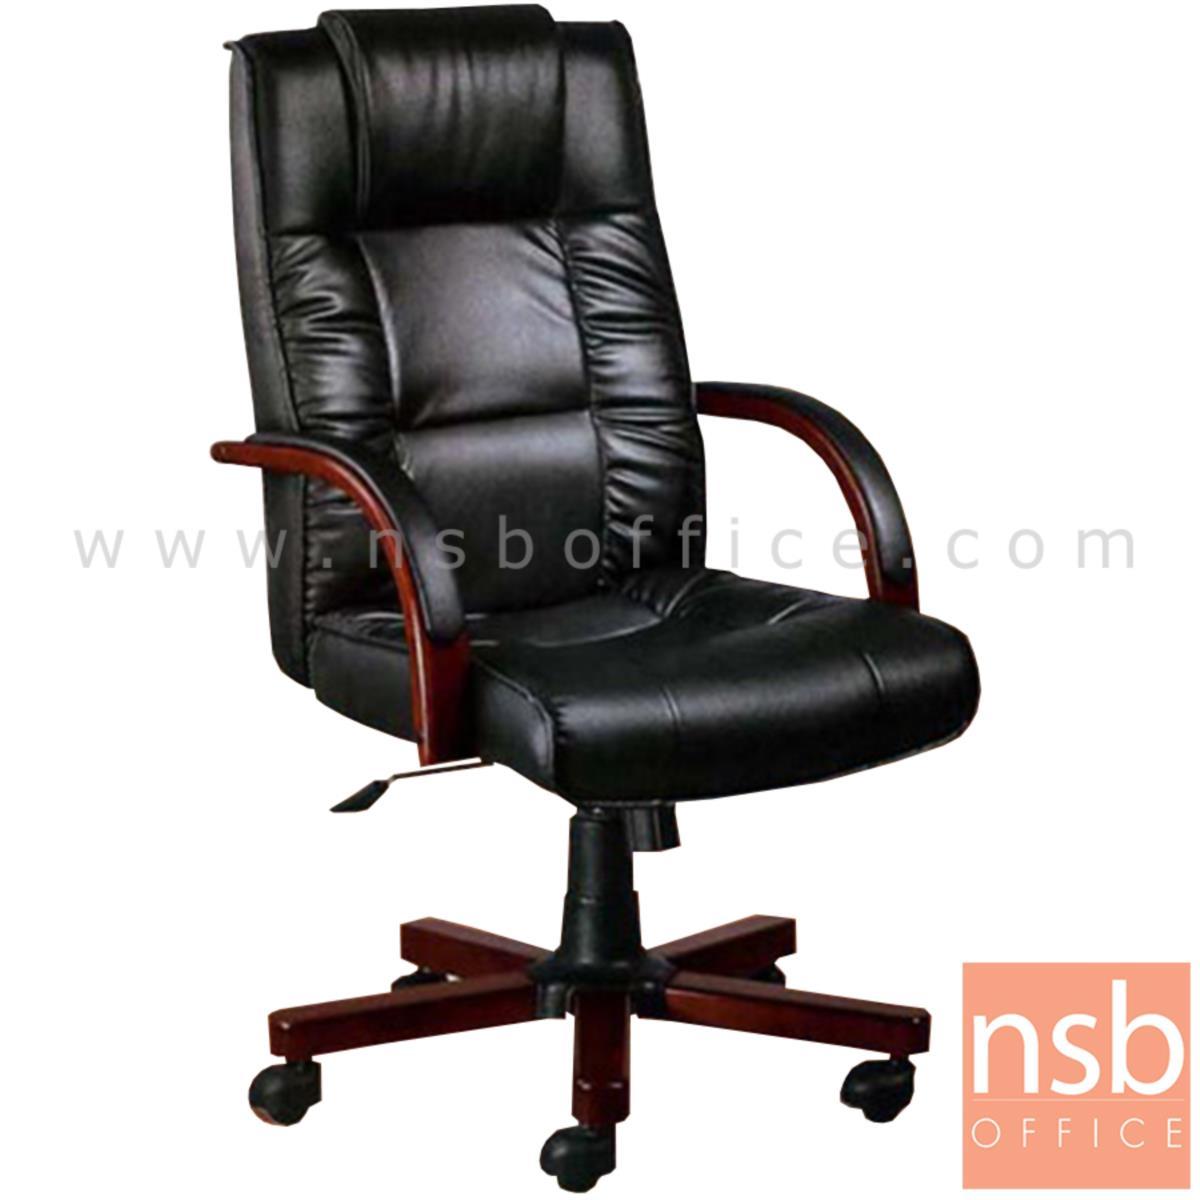 B25A058:เก้าอี้ผู้บริหารหนัง PU รุ่น Raitt (เรตต์)  โช๊คแก๊ส มีก้อนโยก ขาไม้